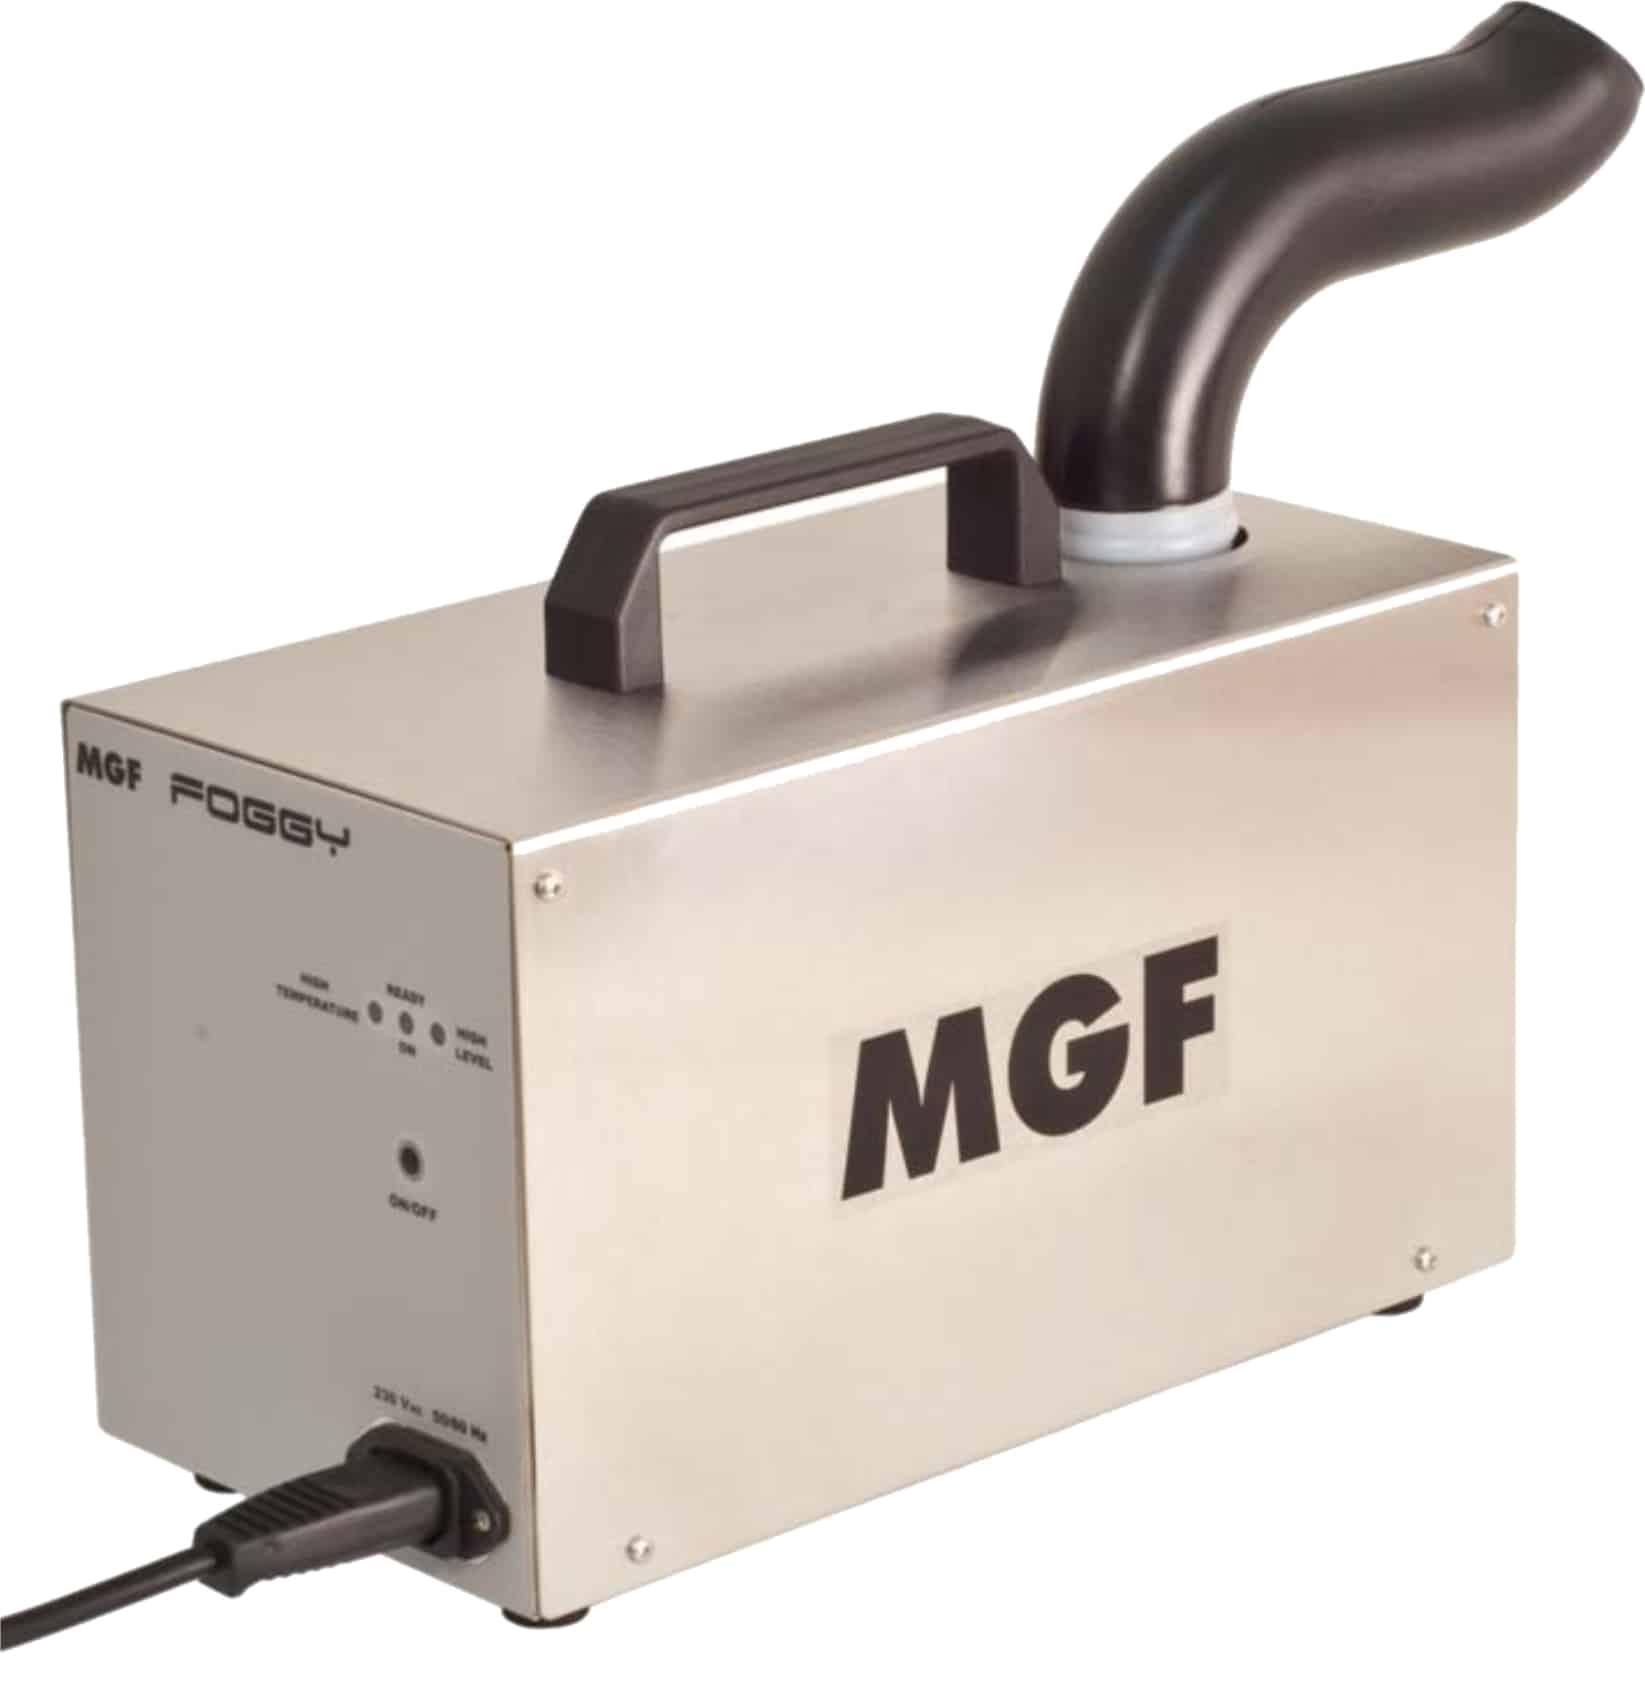 Covid-19 dispositivi di protezione | Elettrogruppo ZeroUno | Torino | mgf